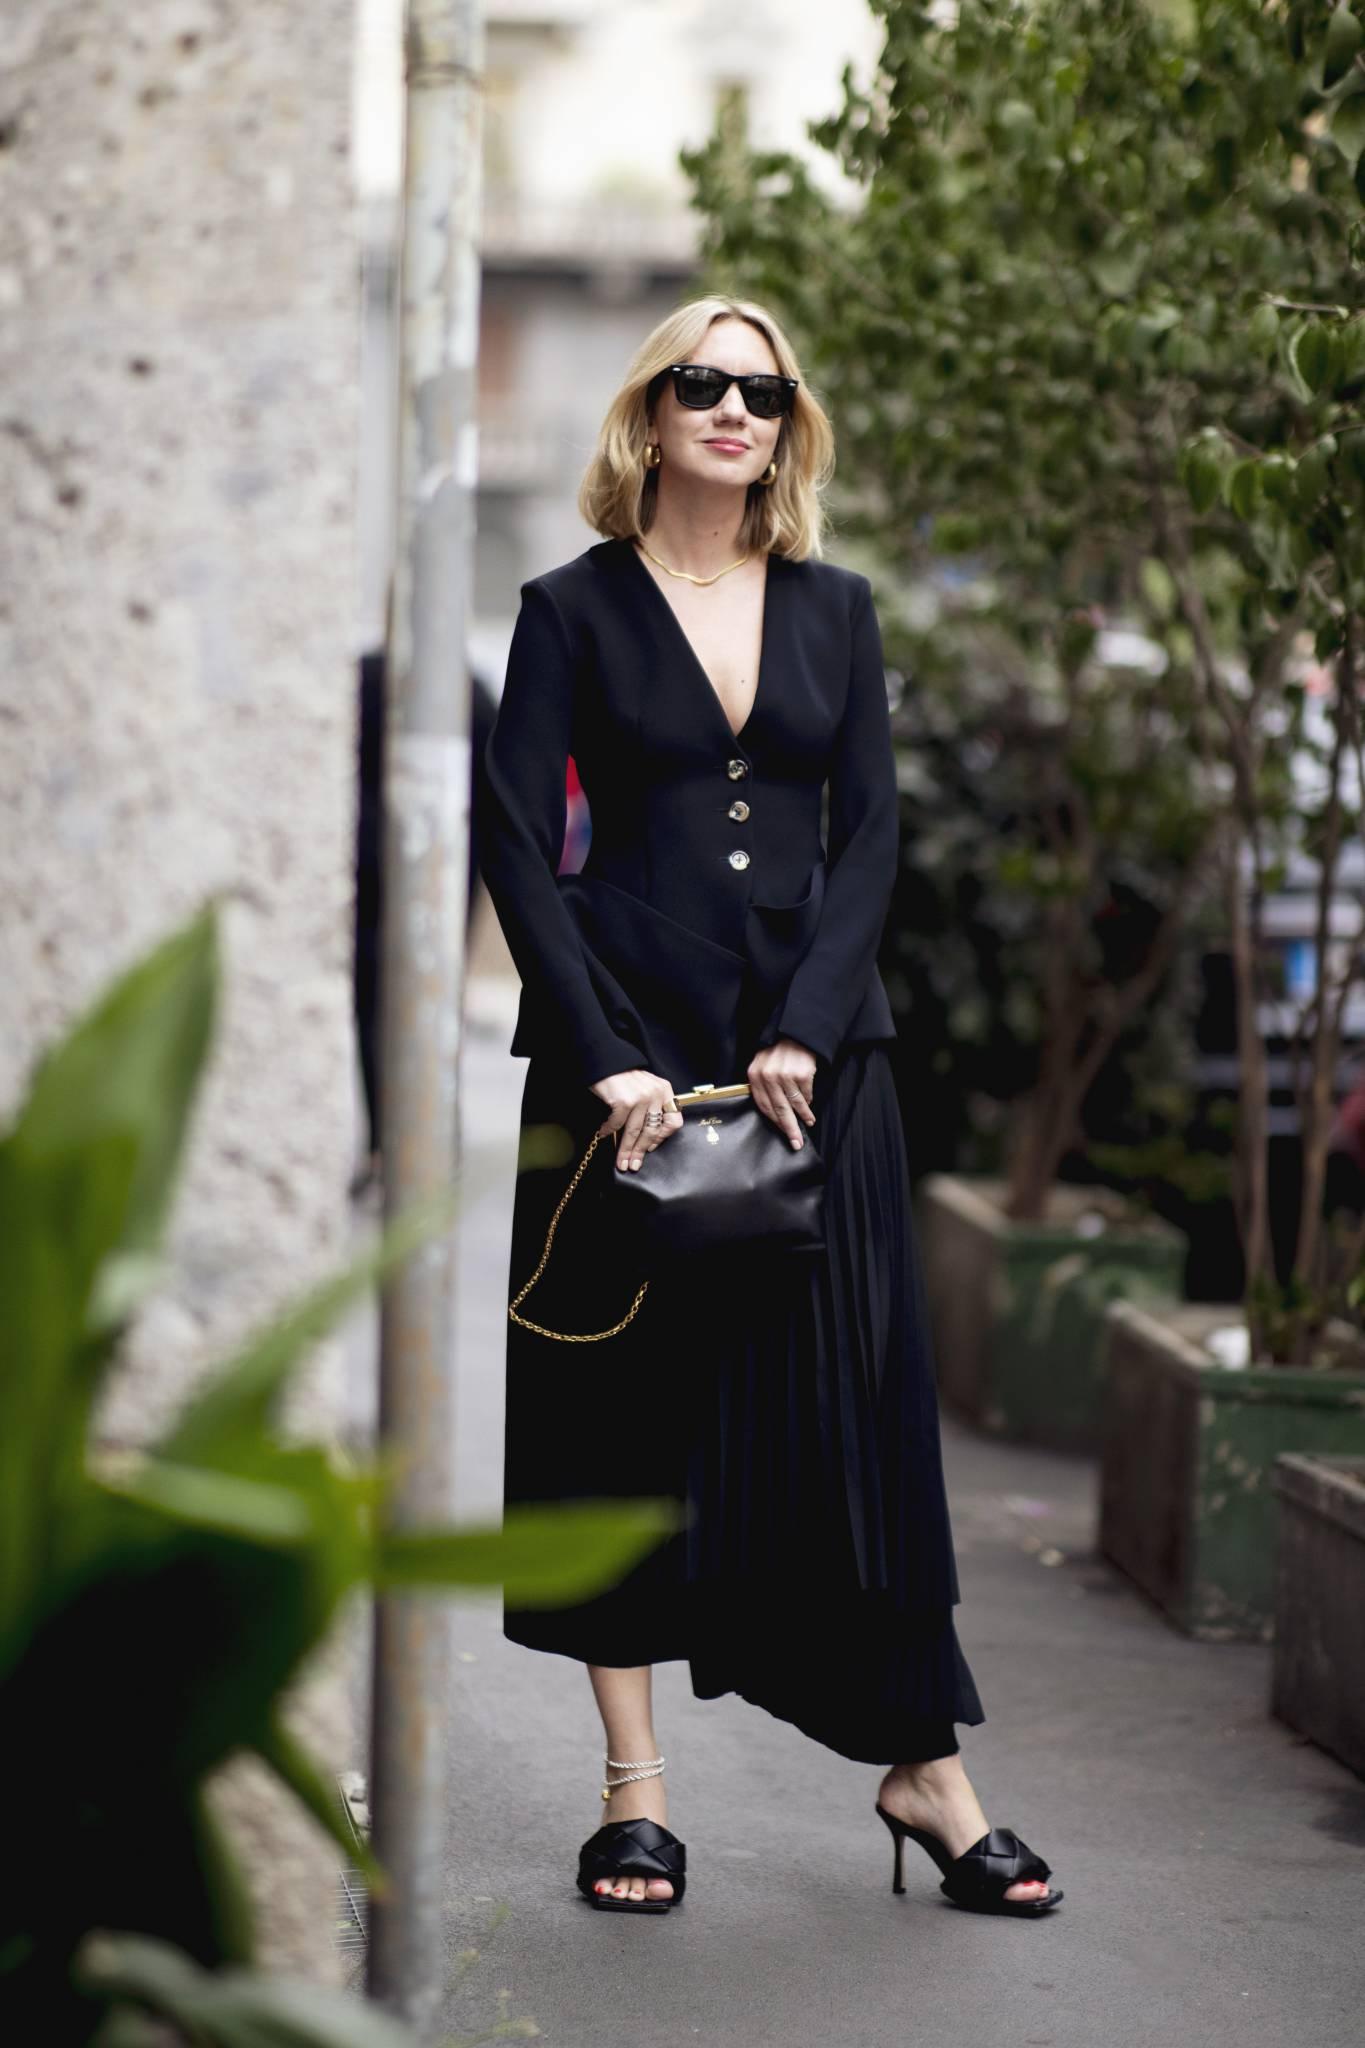 Czarny total look - stylizacje na każdą okazję